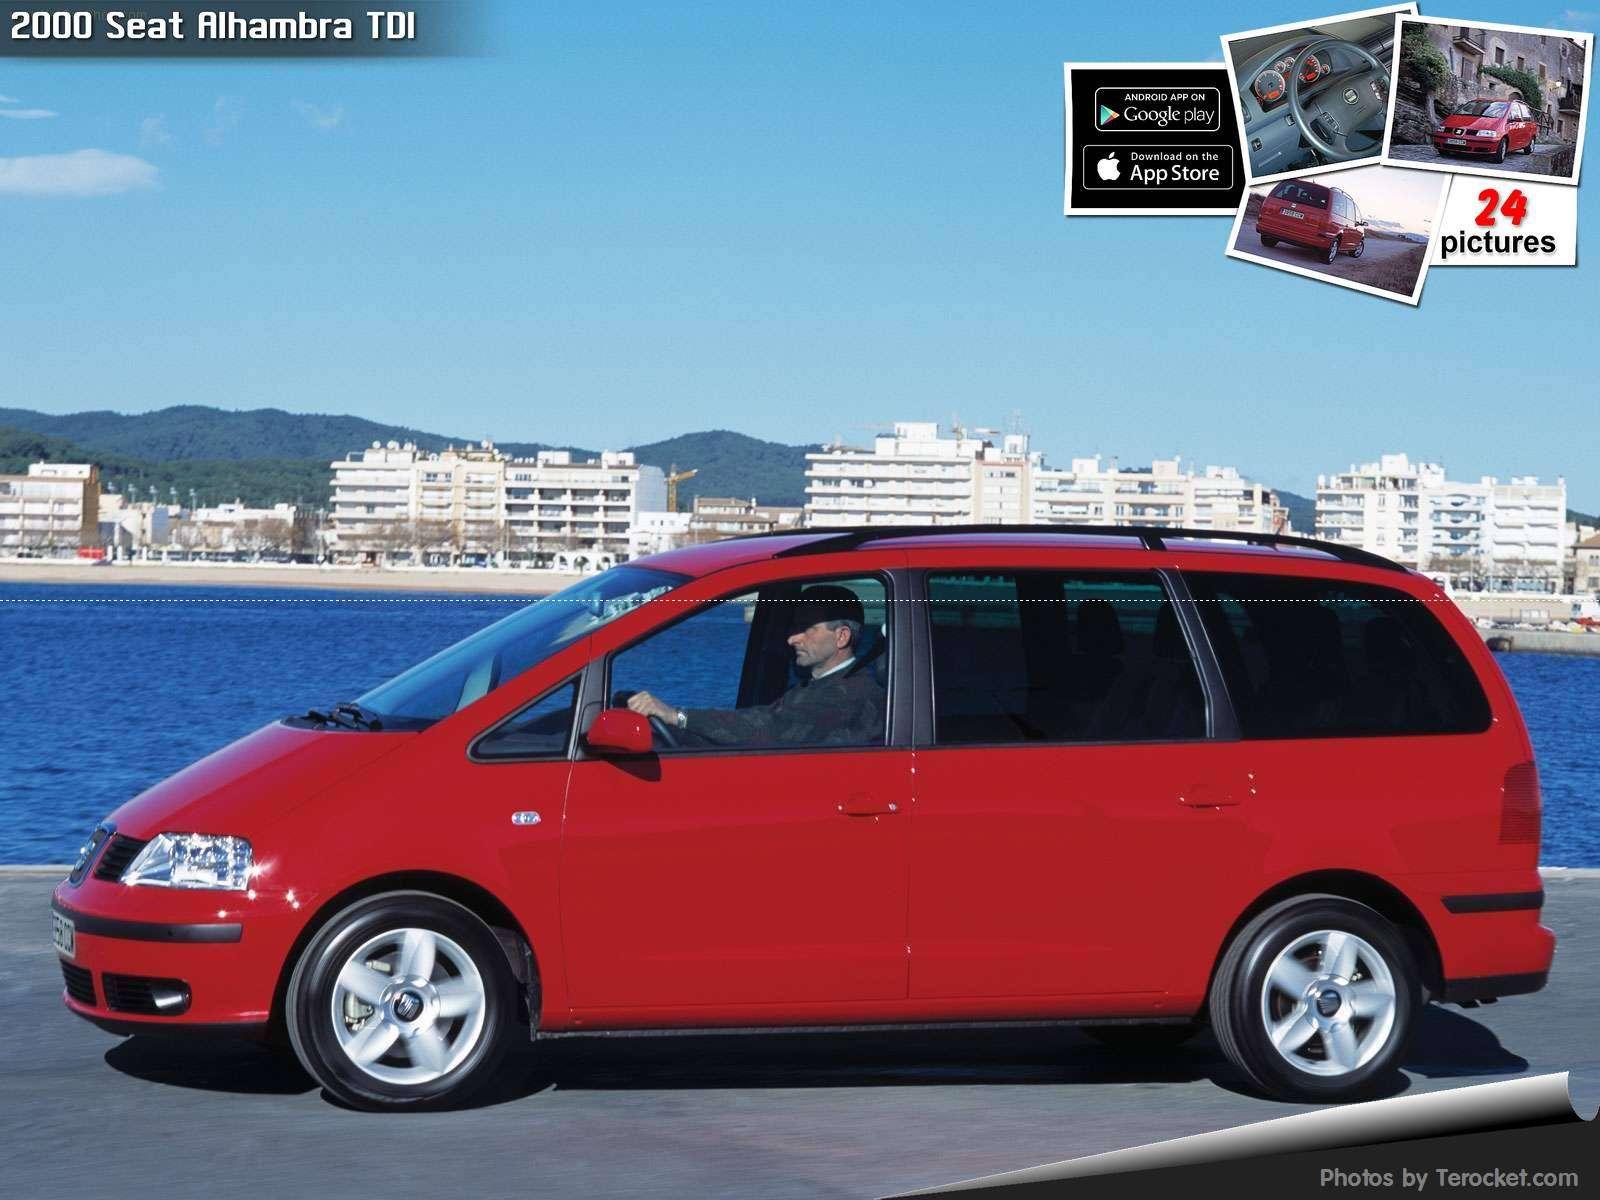 Hình ảnh xe ô tô Seat Alhambra TDI 2000 & nội ngoại thất